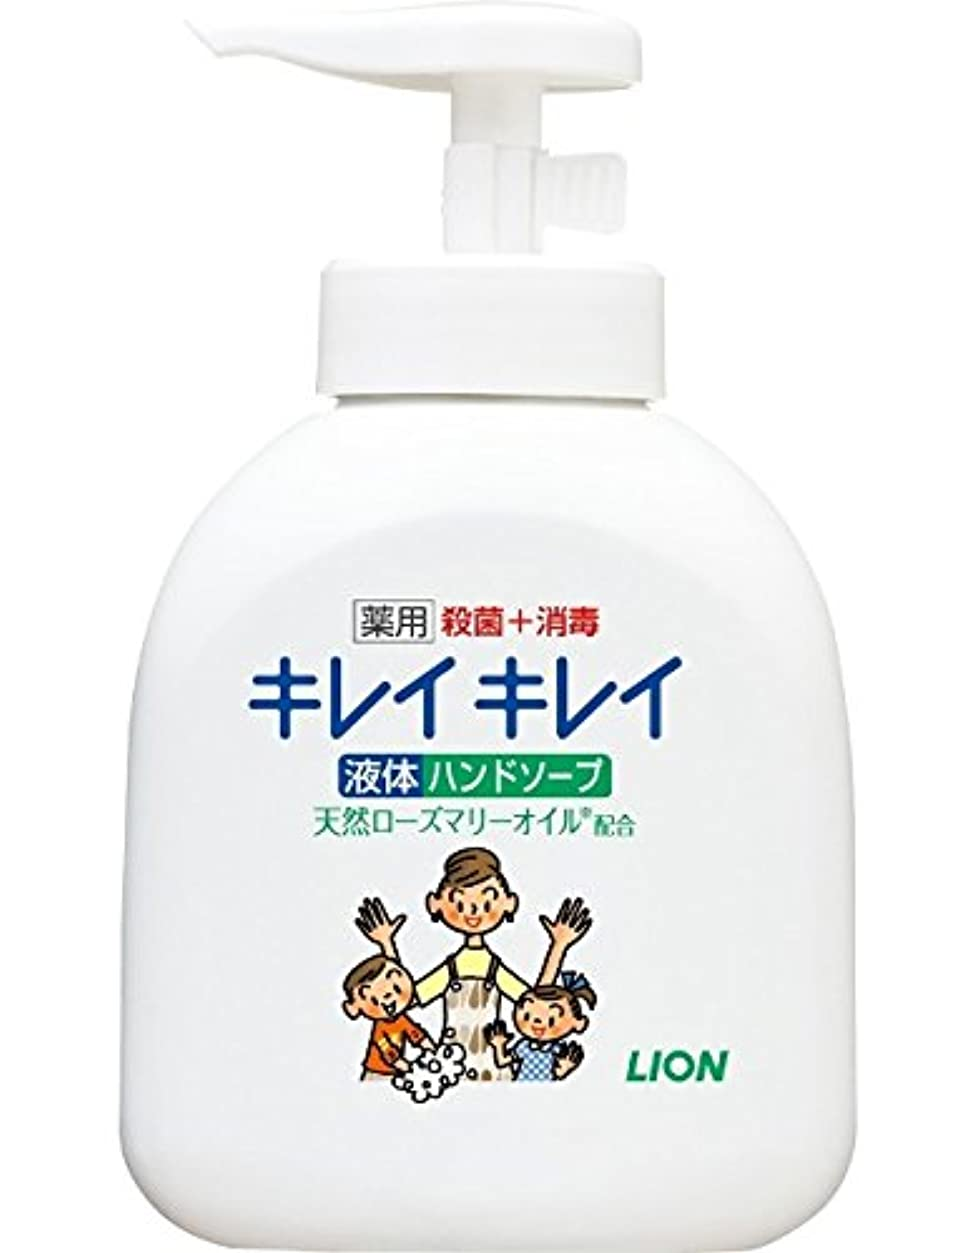 パプアニューギニアウェブ膨らみキレイキレイ 薬用 液体ハンドソープ 本体ポンプ 250ml(医薬部外品)